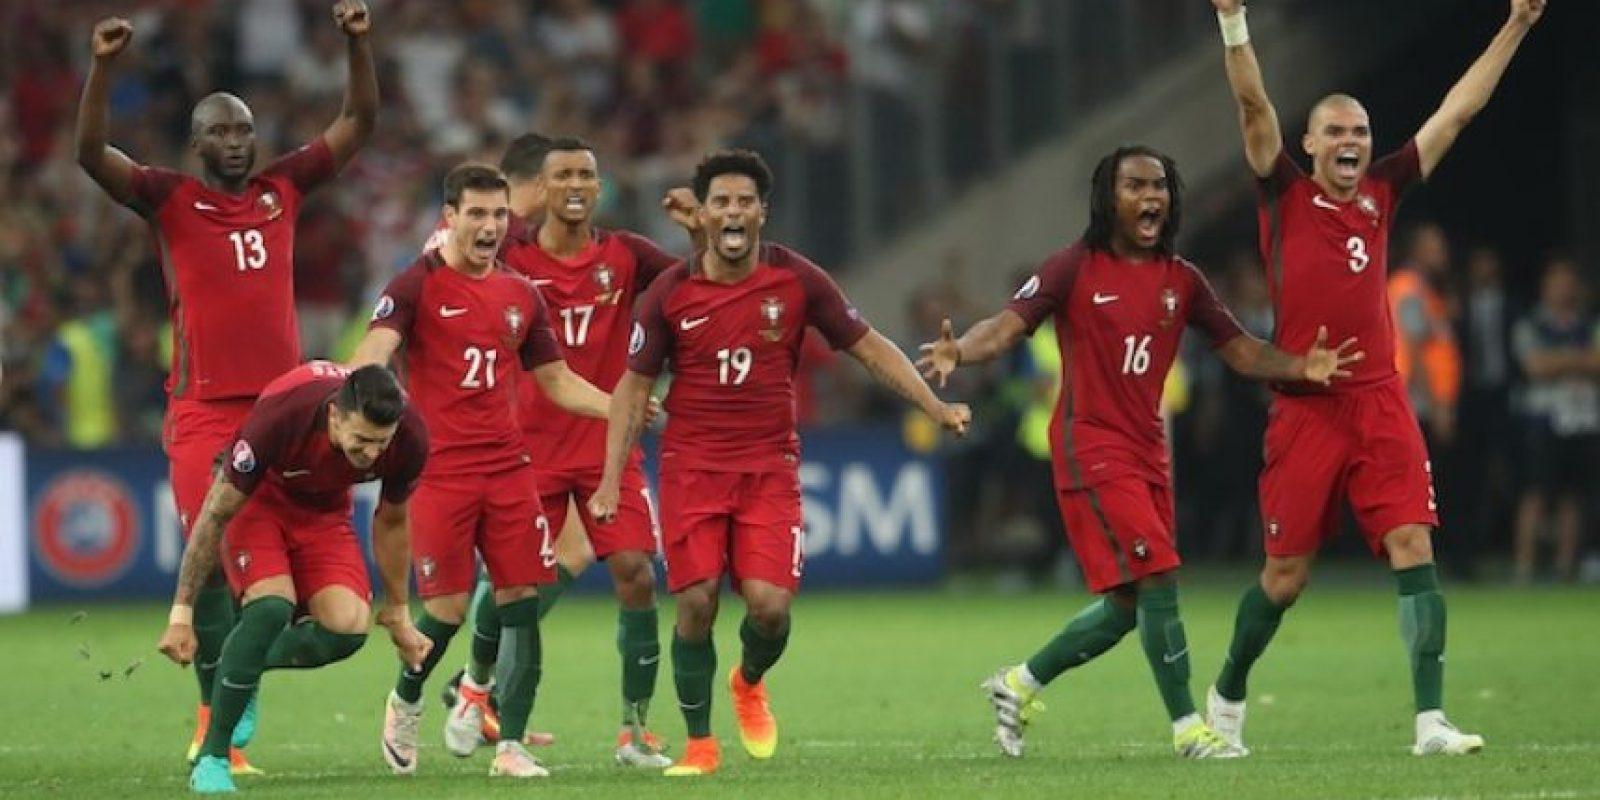 Los lusitanos han empatado en cinco ocasiones durante los 90 minutos en esta edición de la Eurocopa. Foto:Getty Images